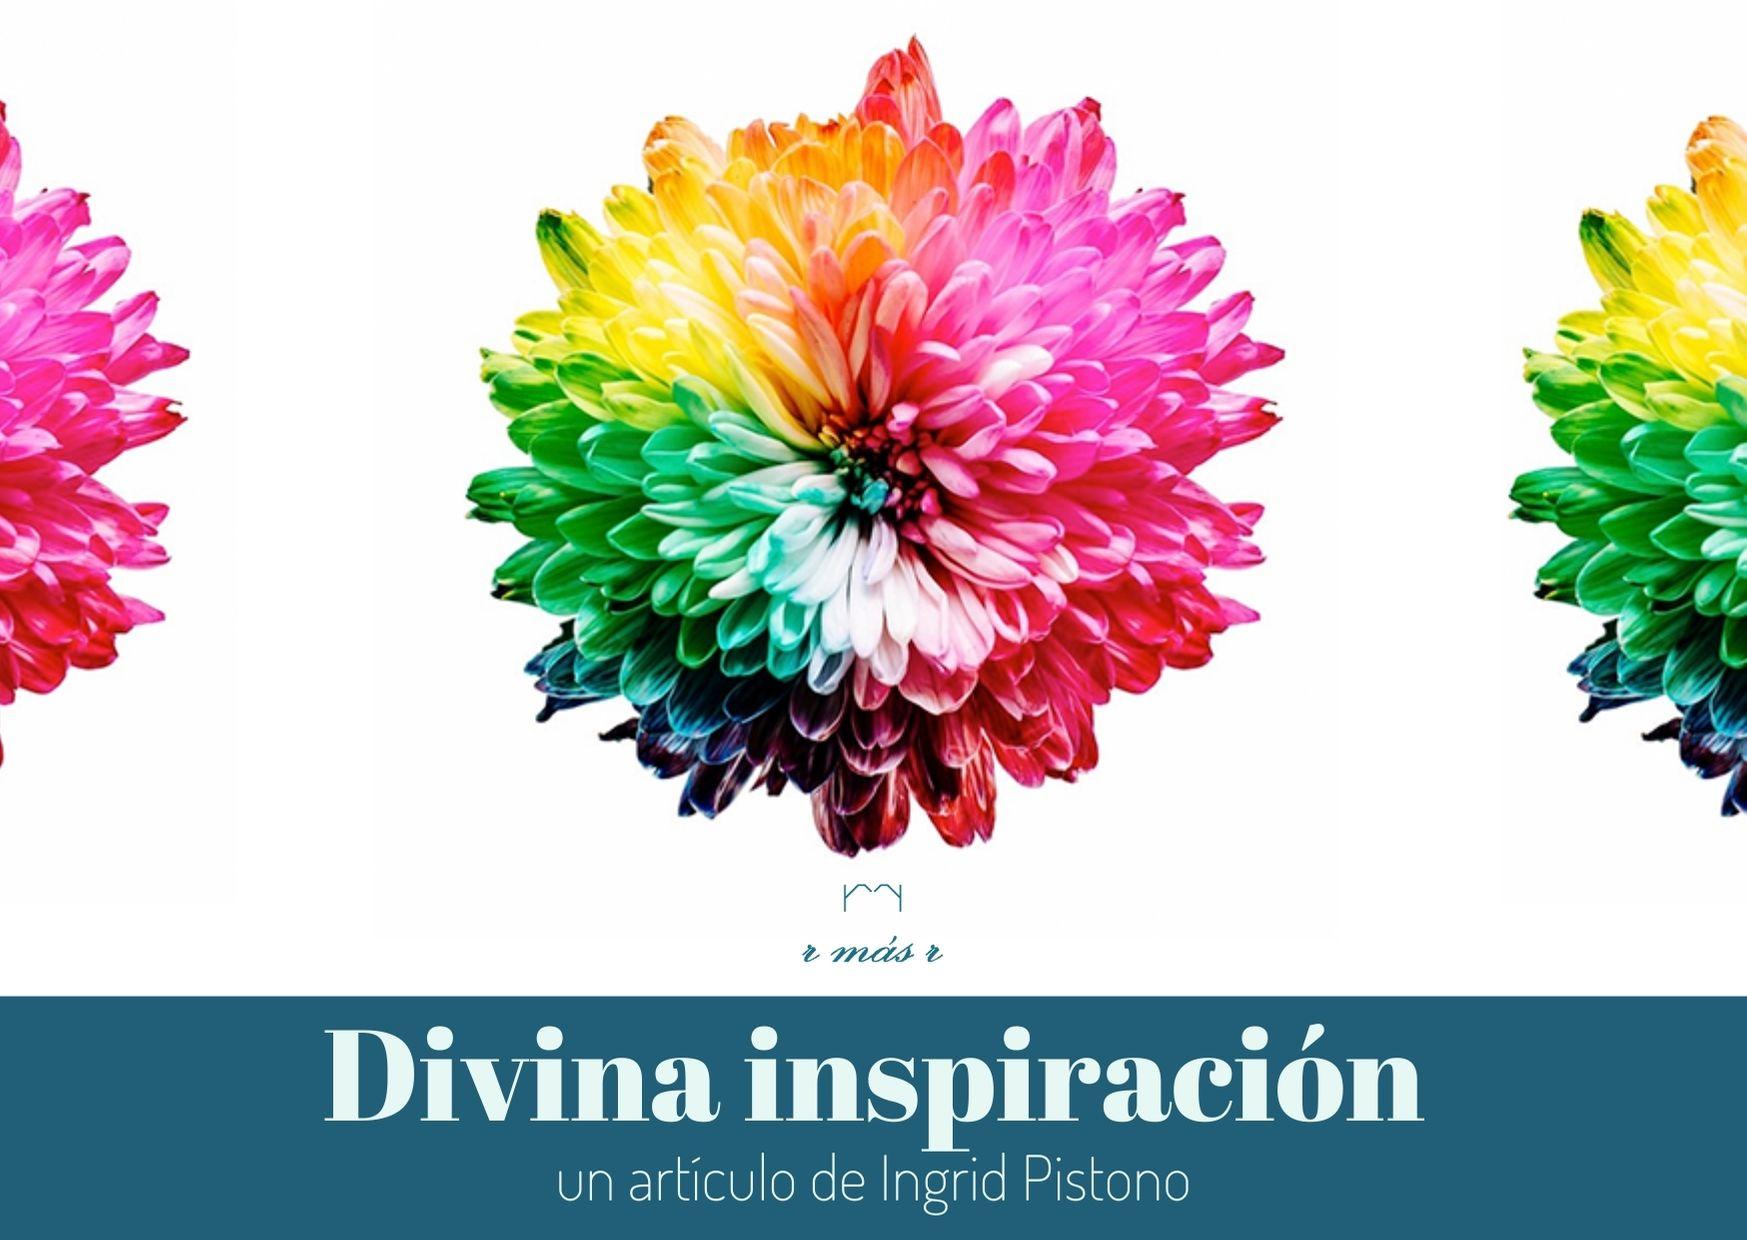 """Foto de 3 Dalias con el título del artículo: """"Divina Inspiración"""""""